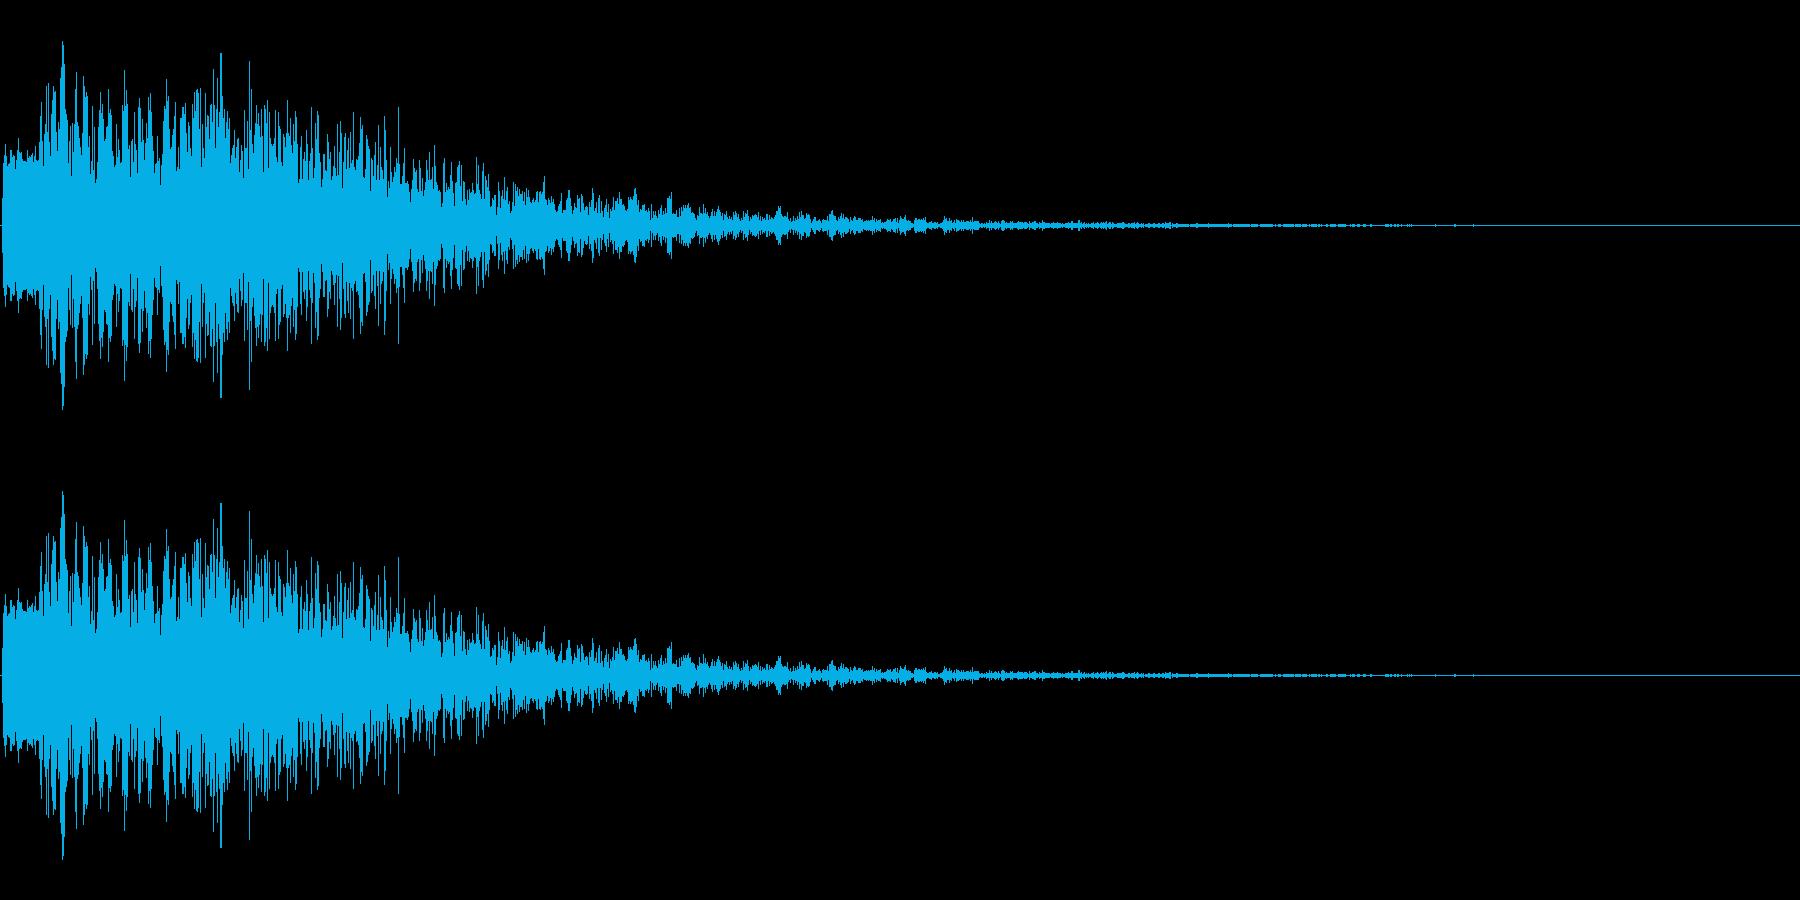 斬撃音 ビュオンという効果音の再生済みの波形